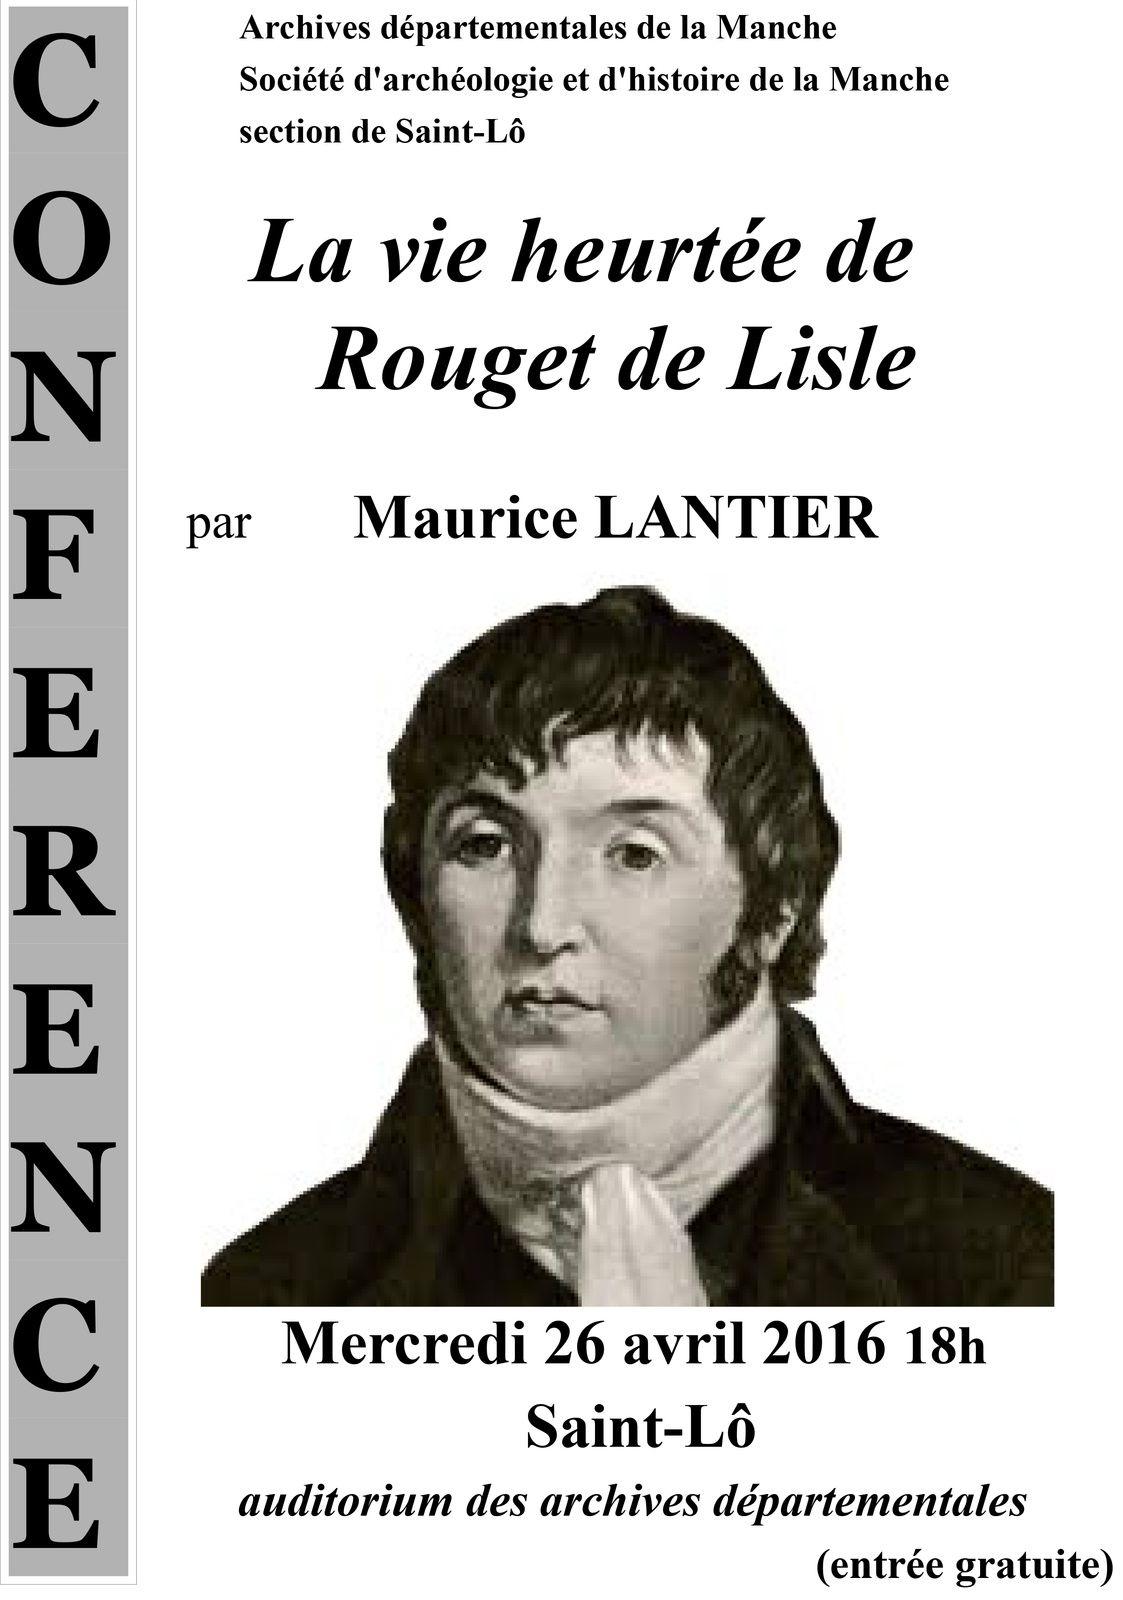 """""""LA VIE HEURTEE DE ROUGET DE LISLE"""" par Maurice LANTIER, Mercredi 26 avril à SAINT-LO"""